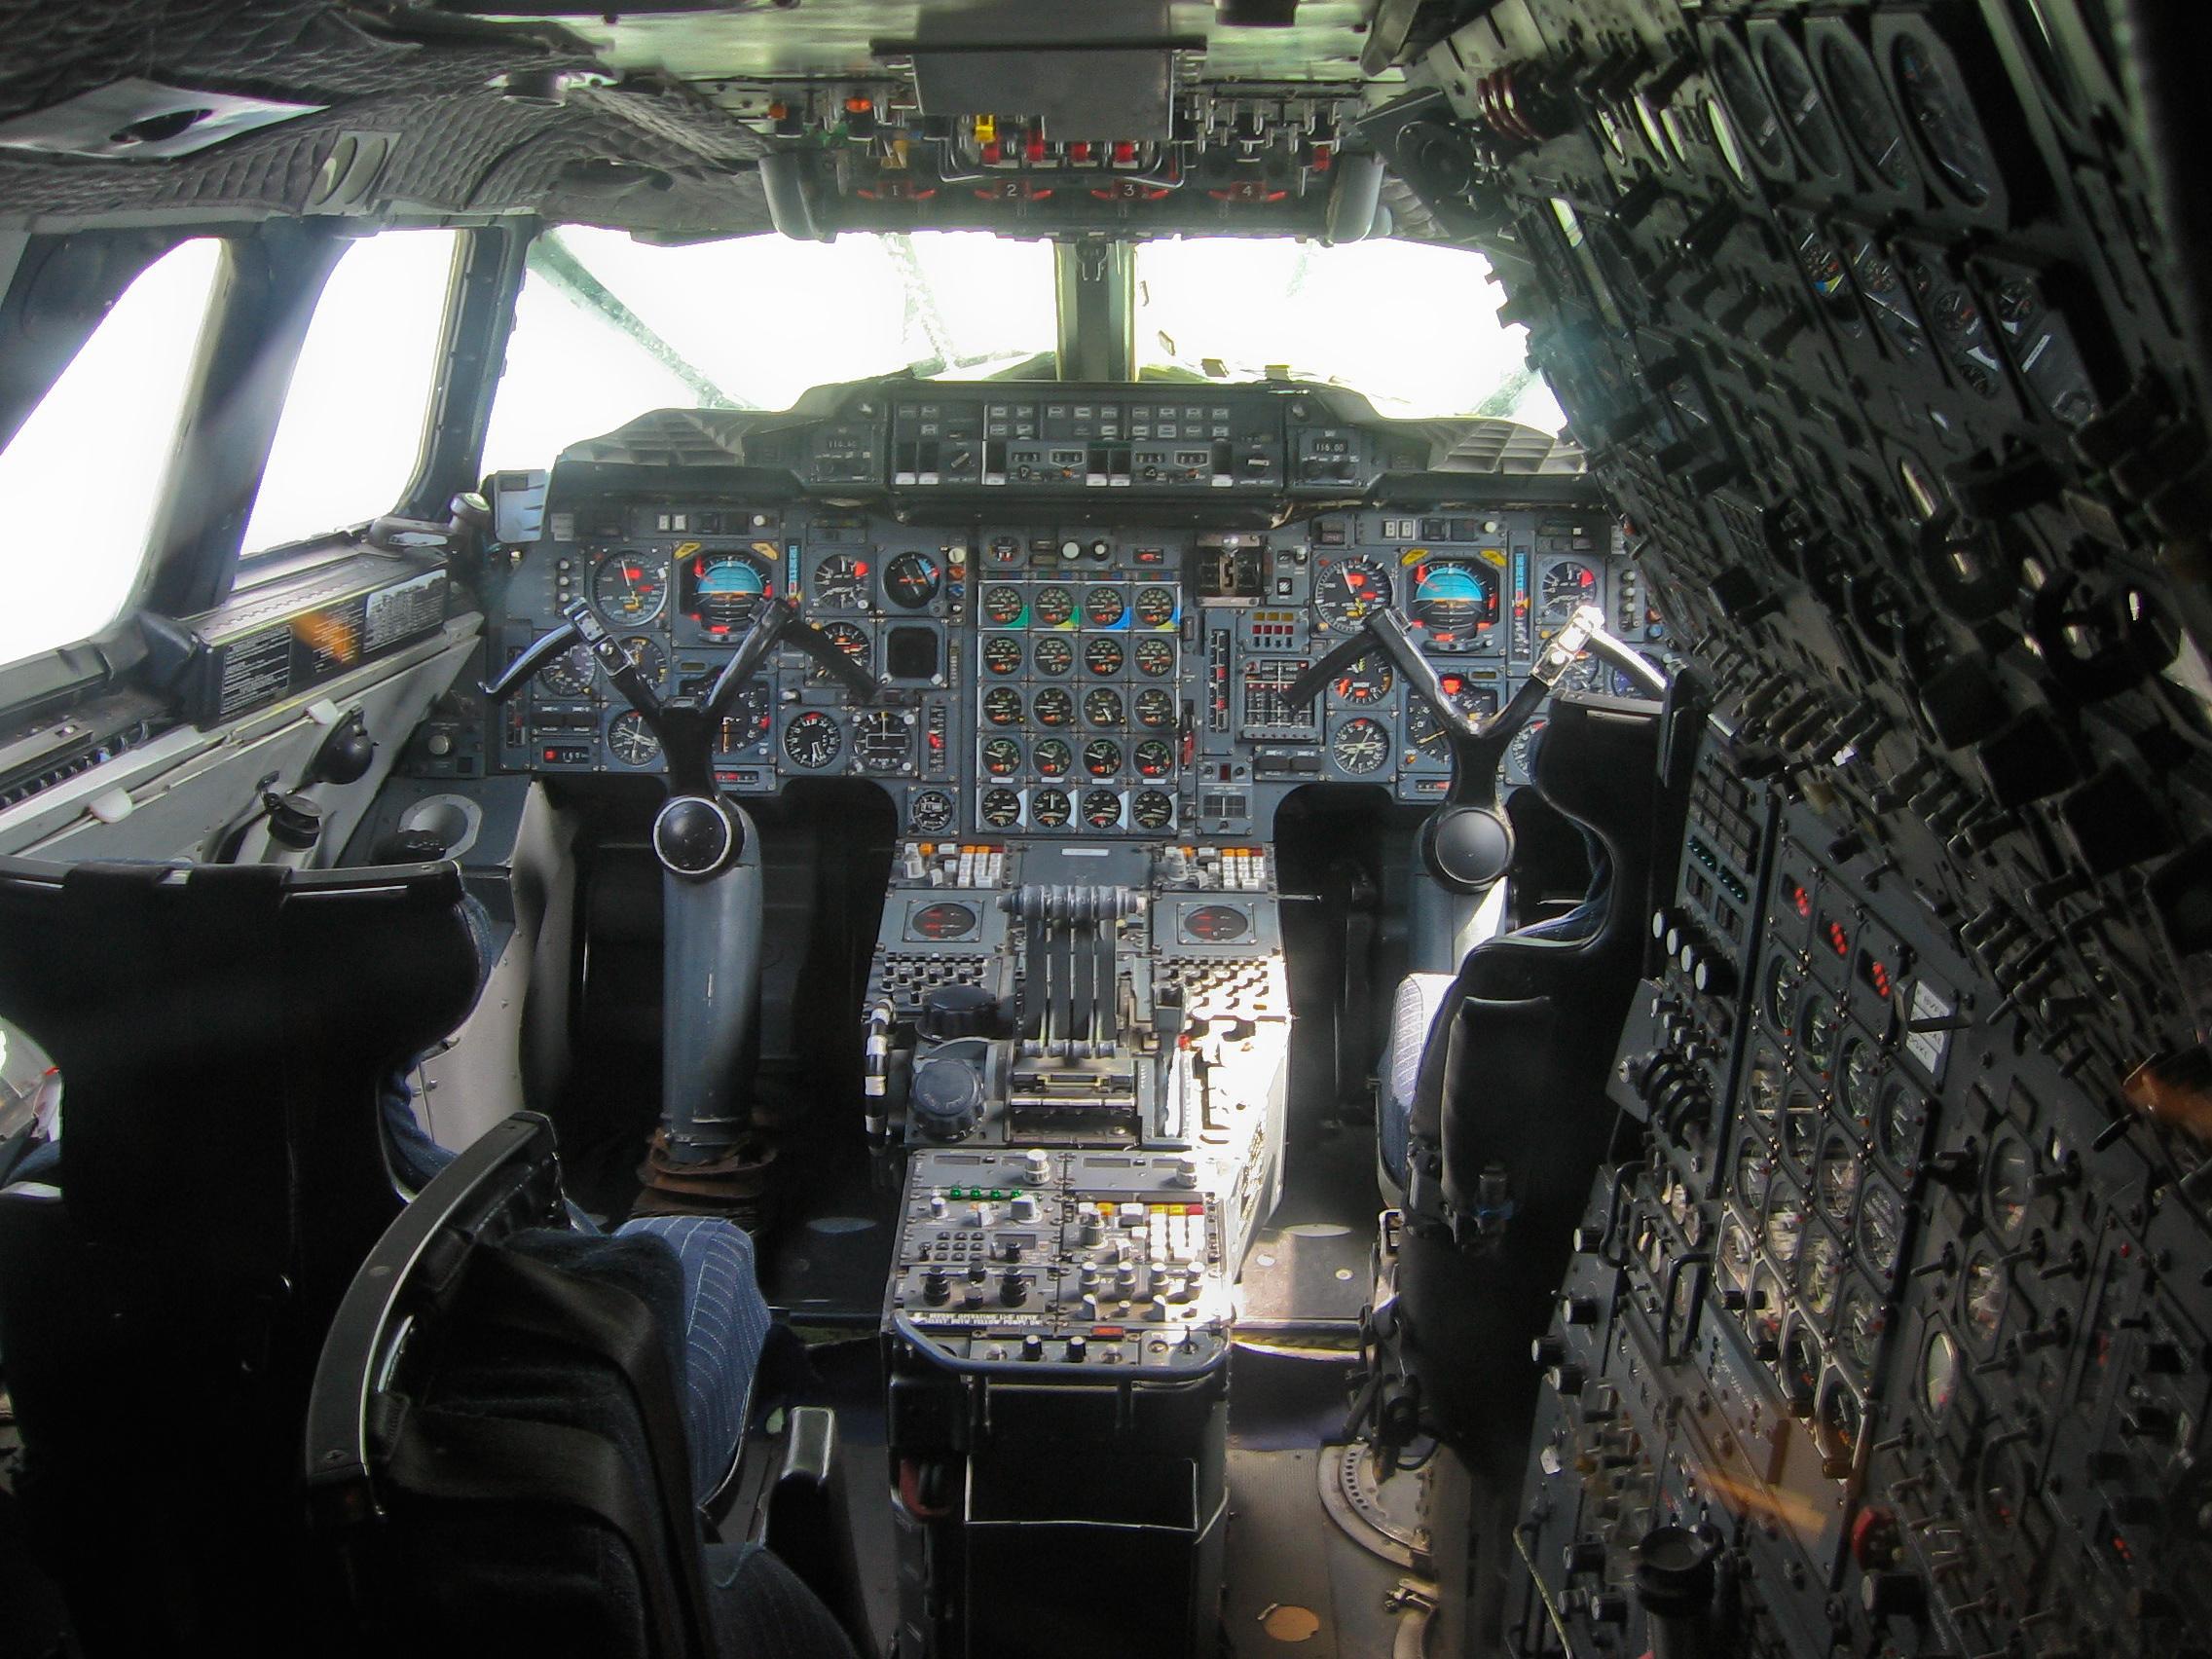 The Concorde flight deck.